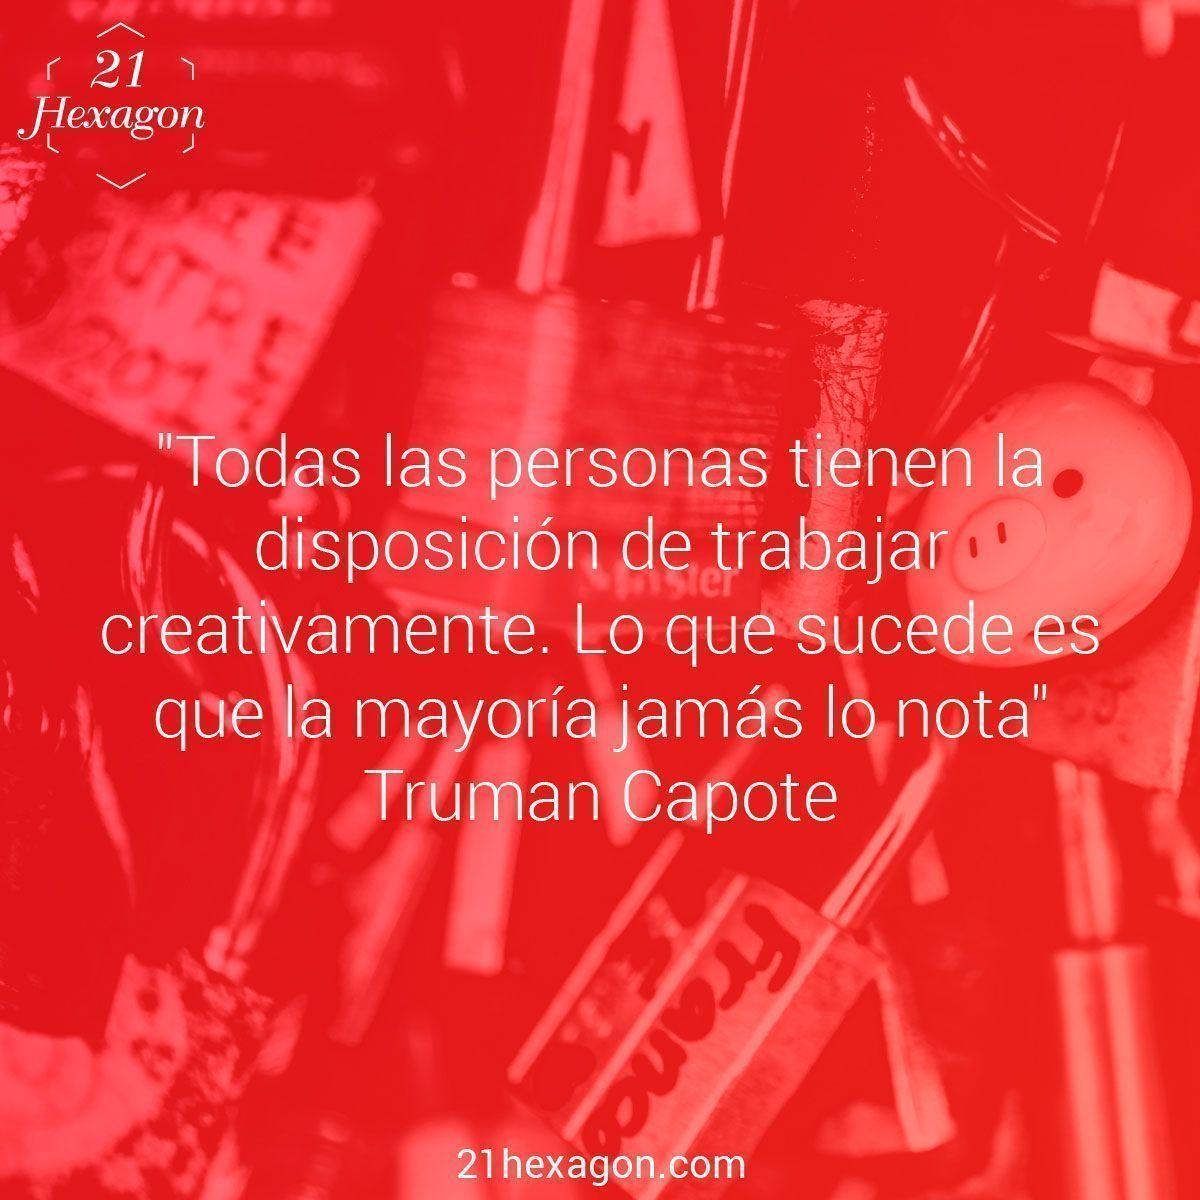 quotes_21hexagon_6.jpg